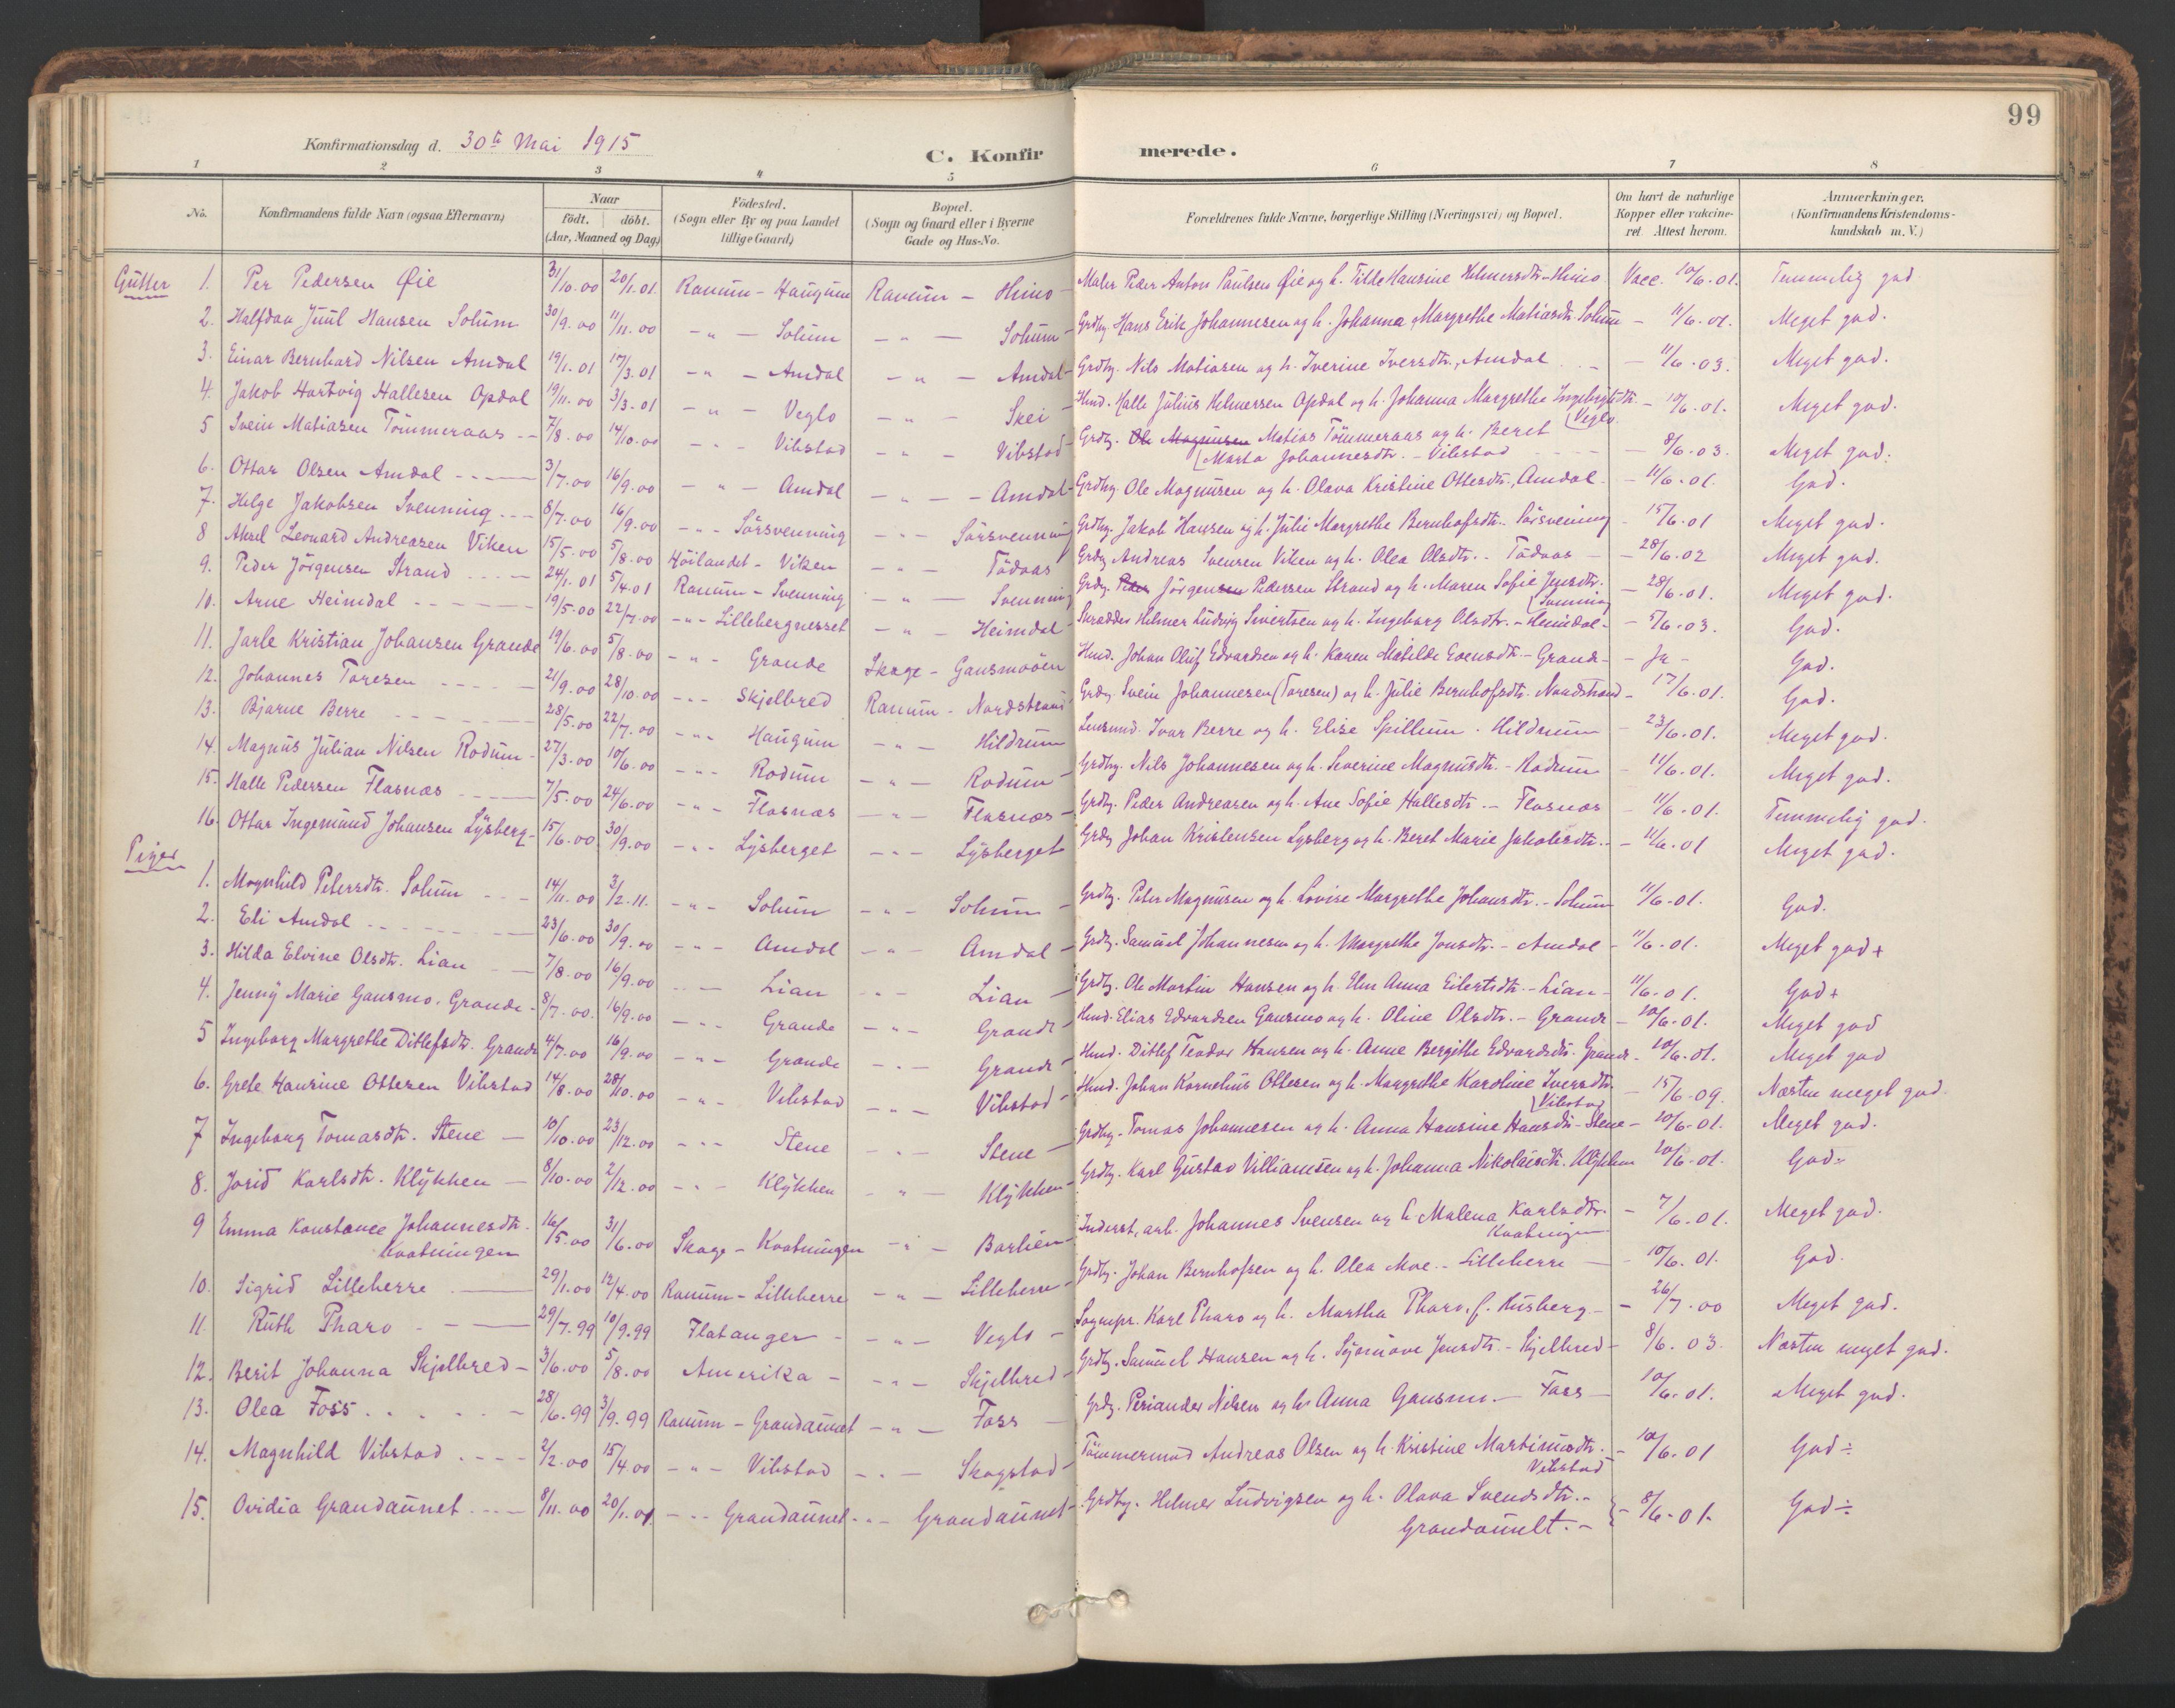 SAT, Ministerialprotokoller, klokkerbøker og fødselsregistre - Nord-Trøndelag, 764/L0556: Ministerialbok nr. 764A11, 1897-1924, s. 99